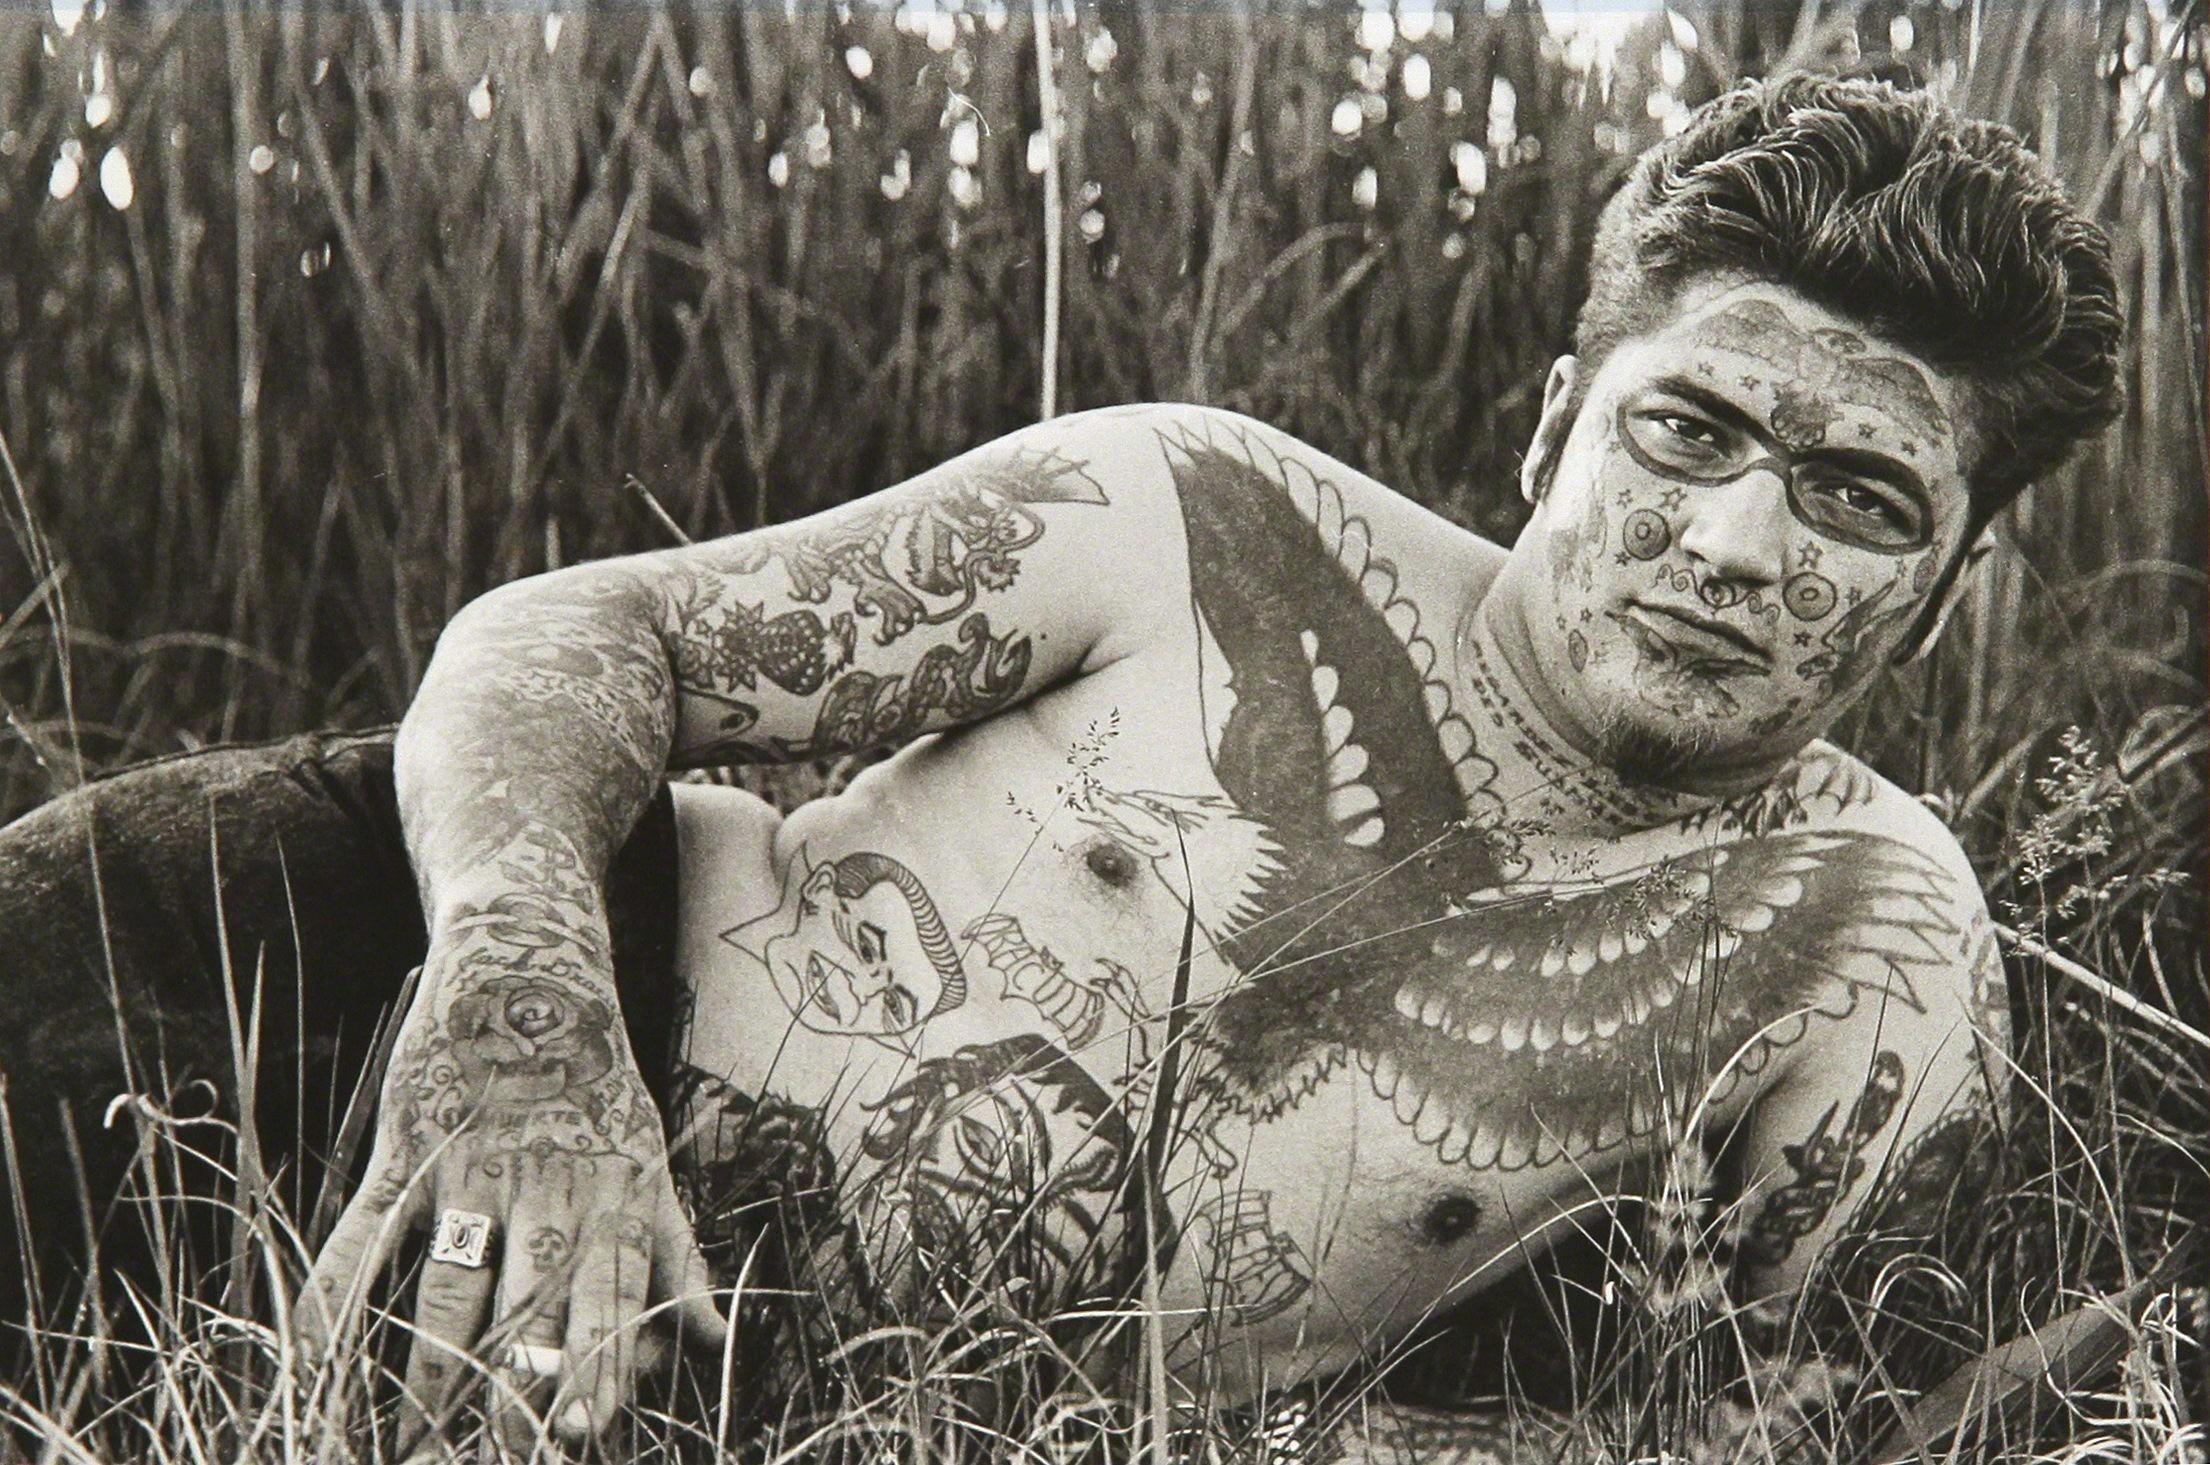 Джек Дракула, знаменитый человек, 1961. Фотограф Диана Арбус